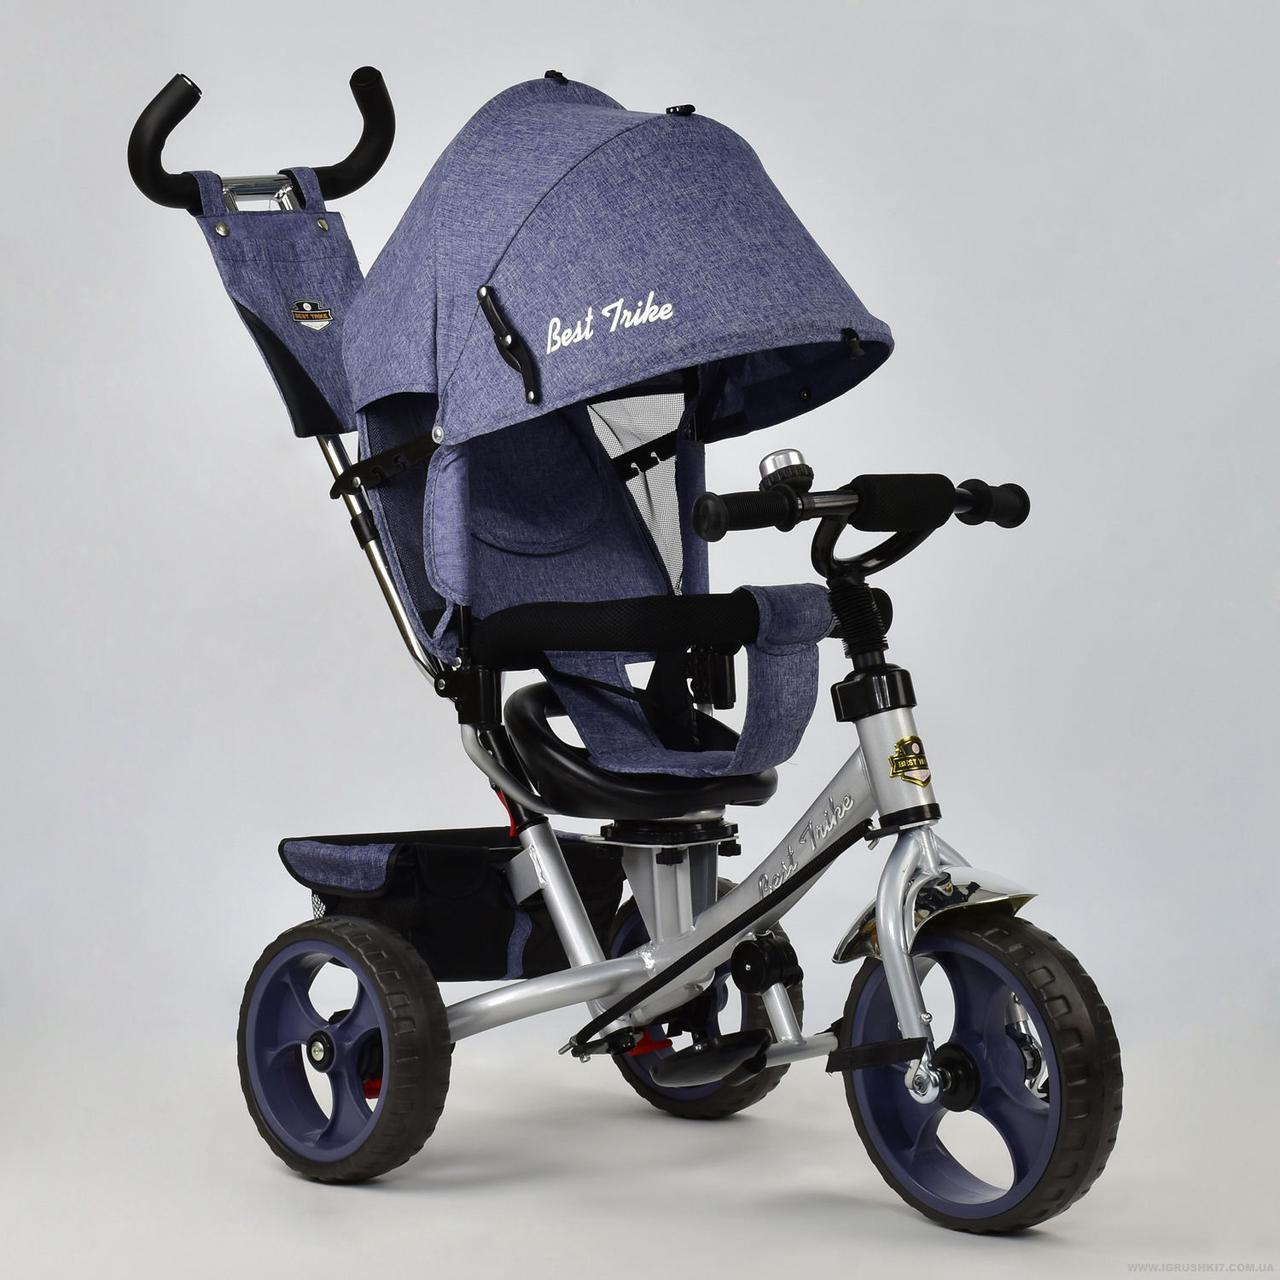 Детский трехколесный велосипед Best Trike 5700 - 3760 Джинс синий Гарантия качества Быстрая доставка